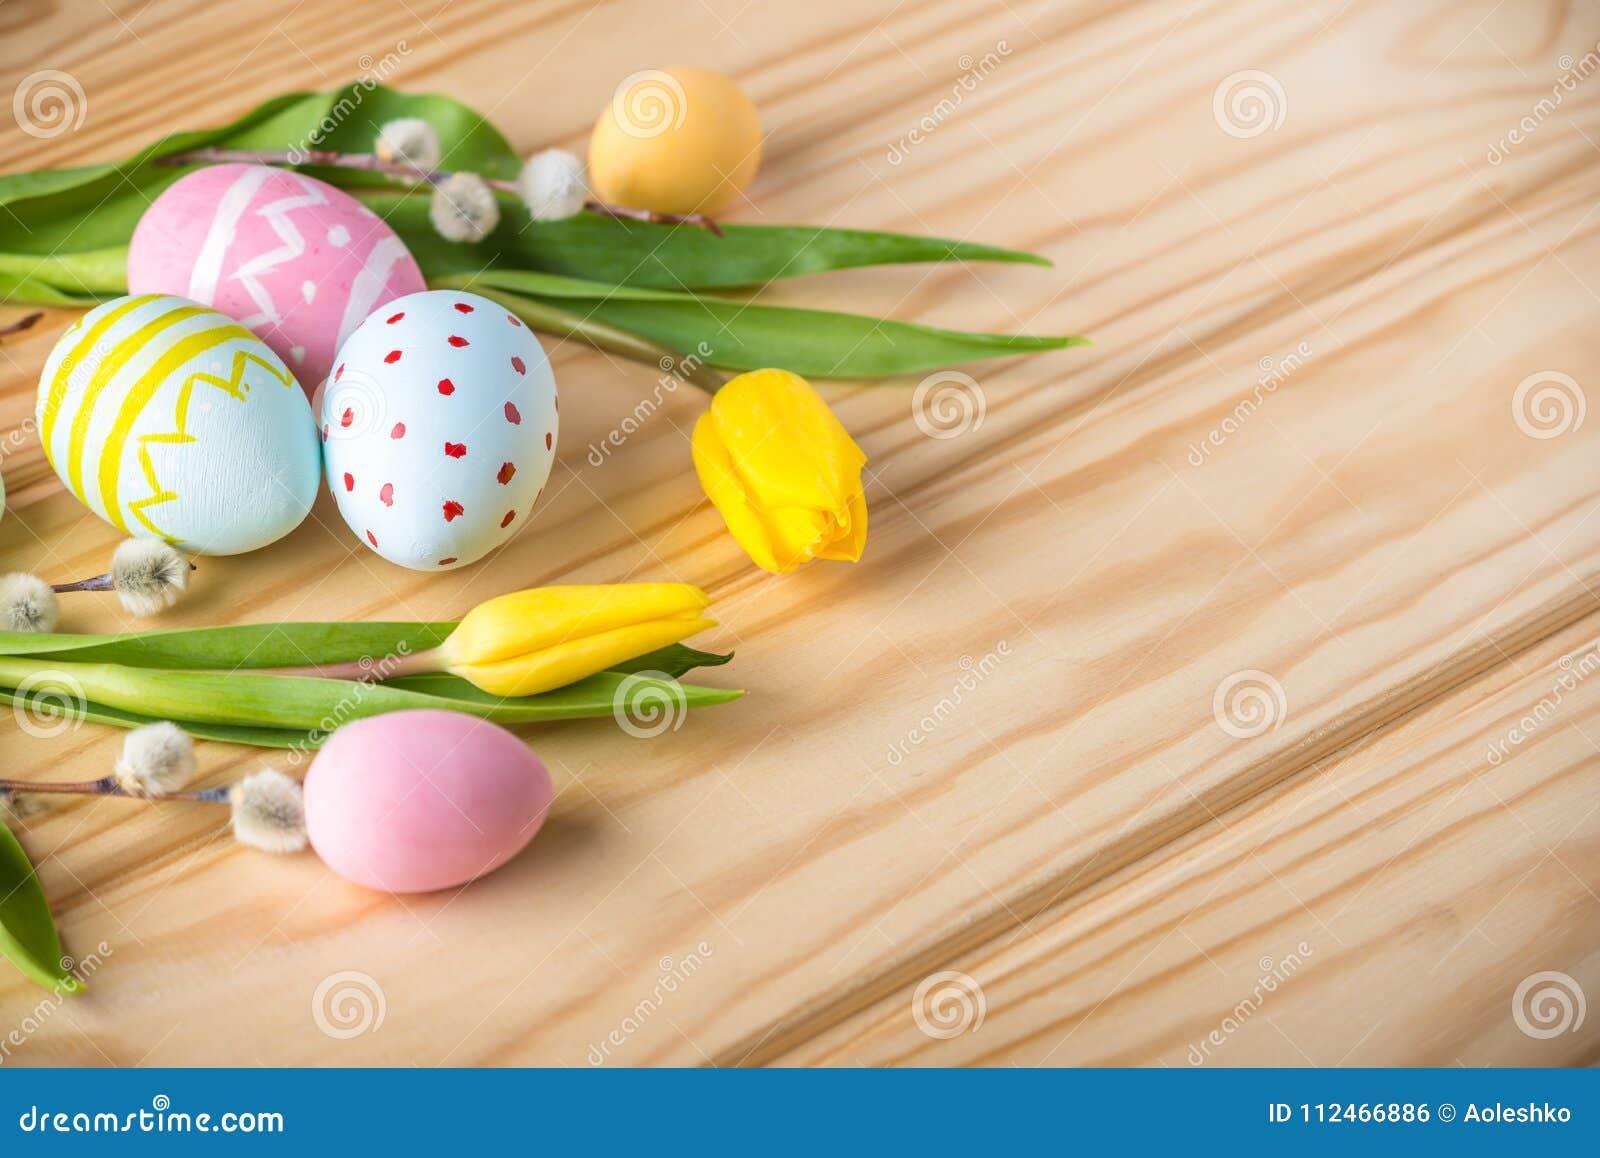 Ζωηρόχρωμα αυγά Πάσχας με το κίτρινο χέρι τουλιπών που χρωματίζεται σε ένα ελαφρύ ξύλινο υπόβαθρο Εορταστική κάρτα άνοιξη